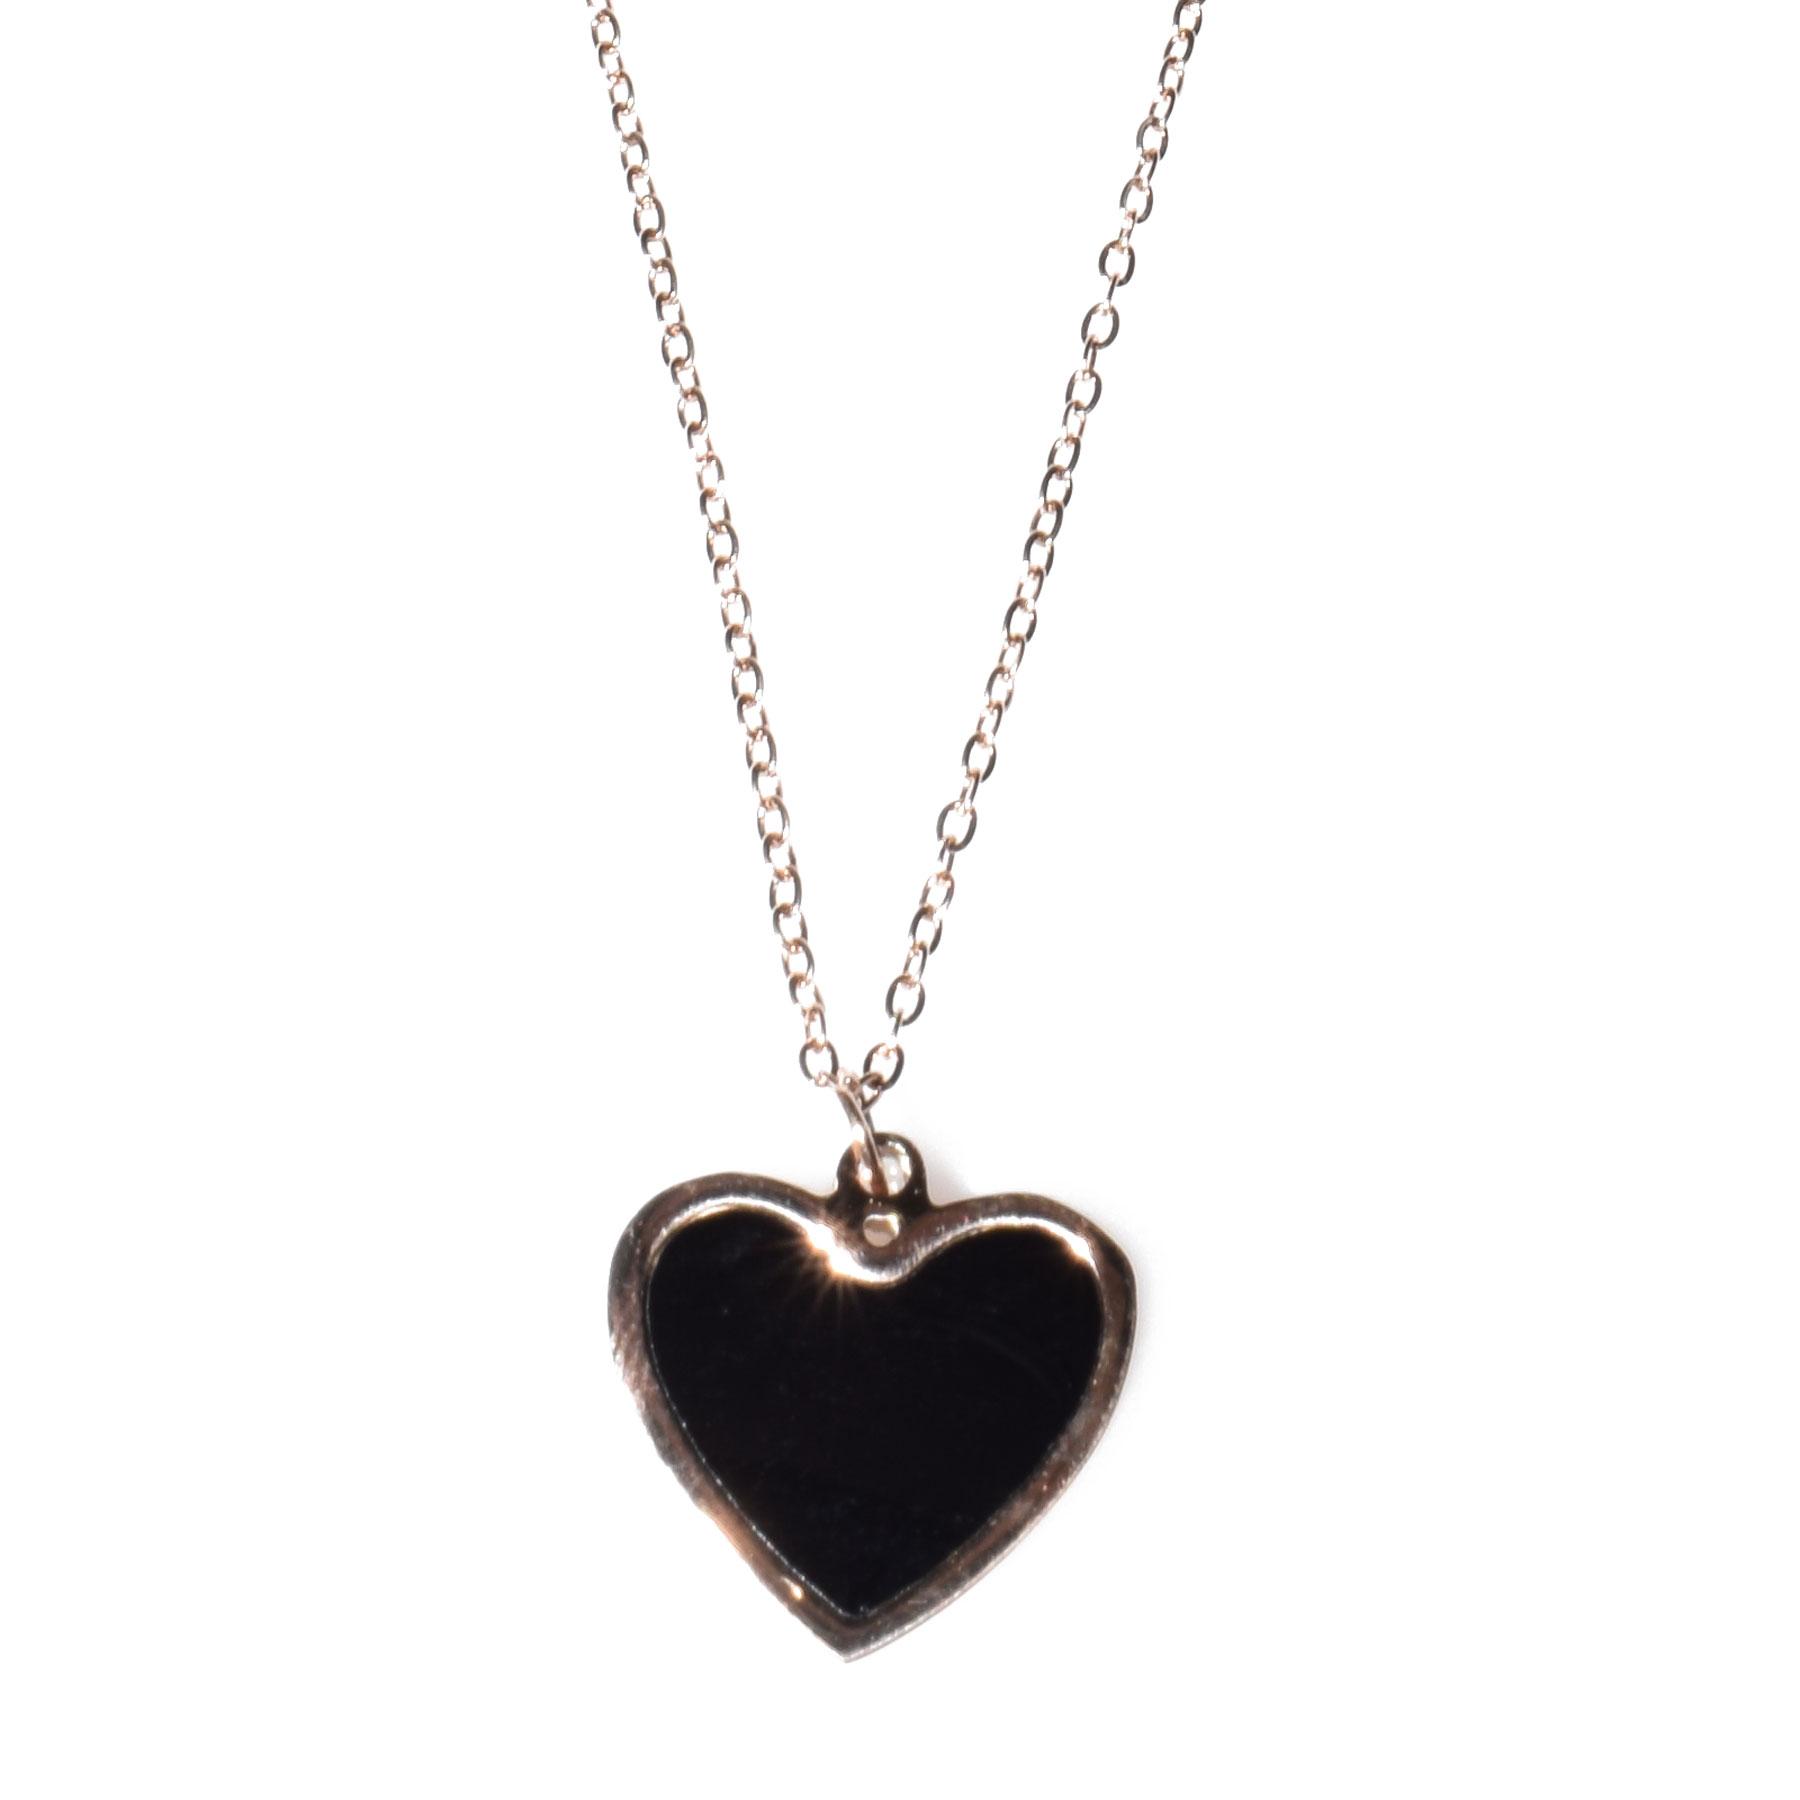 Κολιέ ατσάλινο (stainless steel) ροζ χρυσό (καρδιά) με κρυστάλλους  BZ-NK-00110 8a2f8b609ef